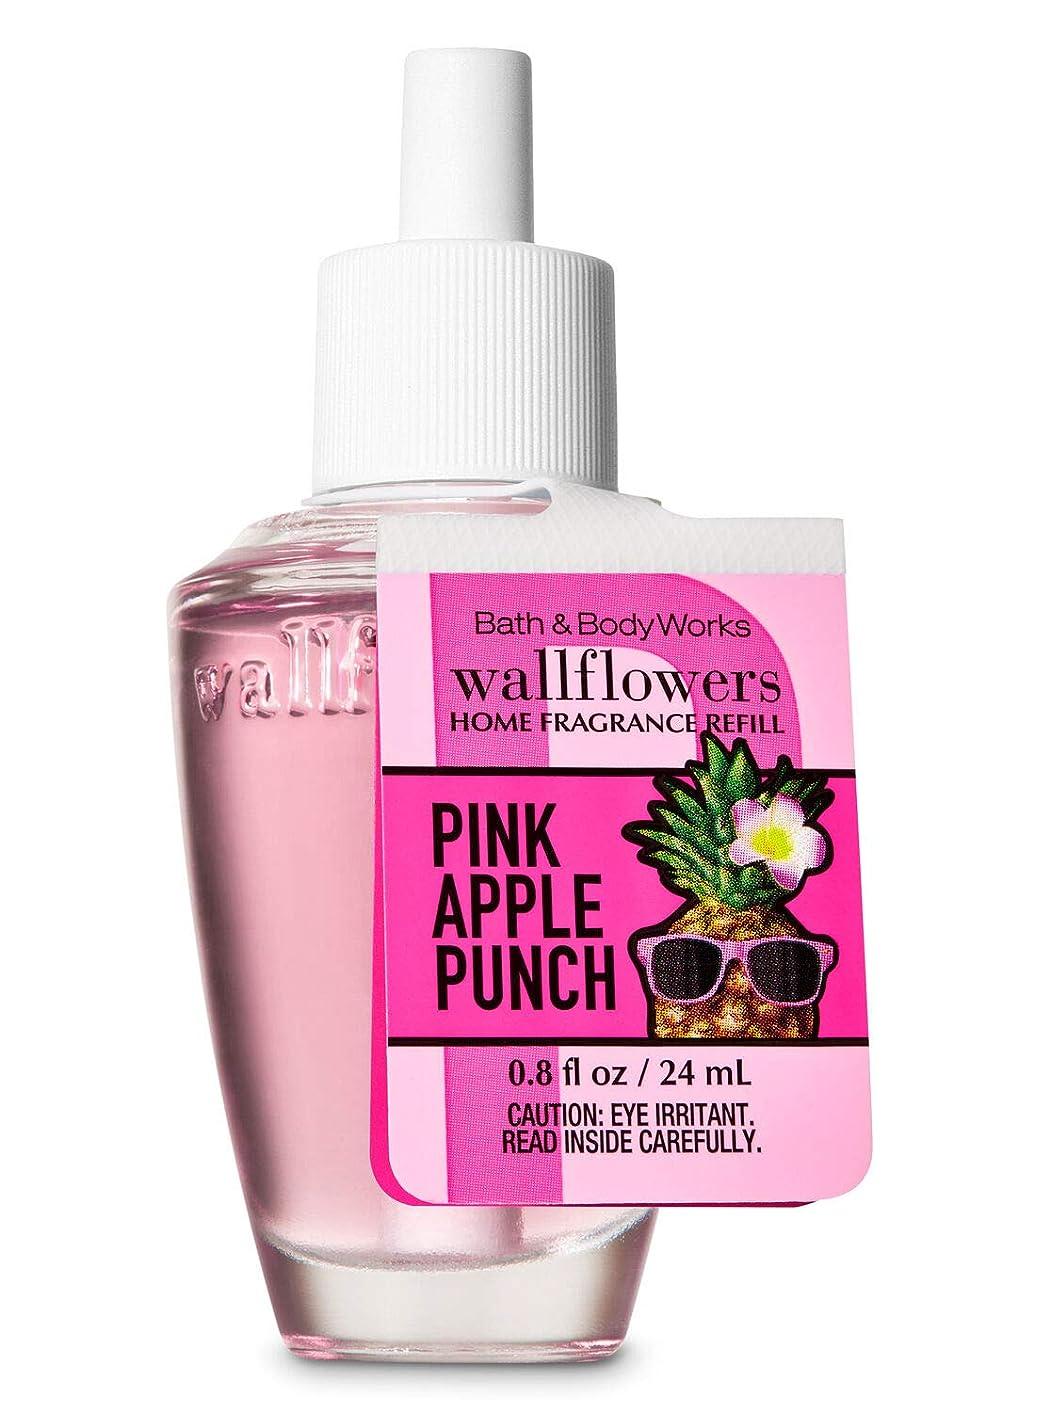 騒割れ目サスティーン【Bath&Body Works/バス&ボディワークス】 ルームフレグランス 詰替えリフィル ピンクアップルパンチ Wallflowers Home Fragrance Refill Pink Apple Punch [並行輸入品]